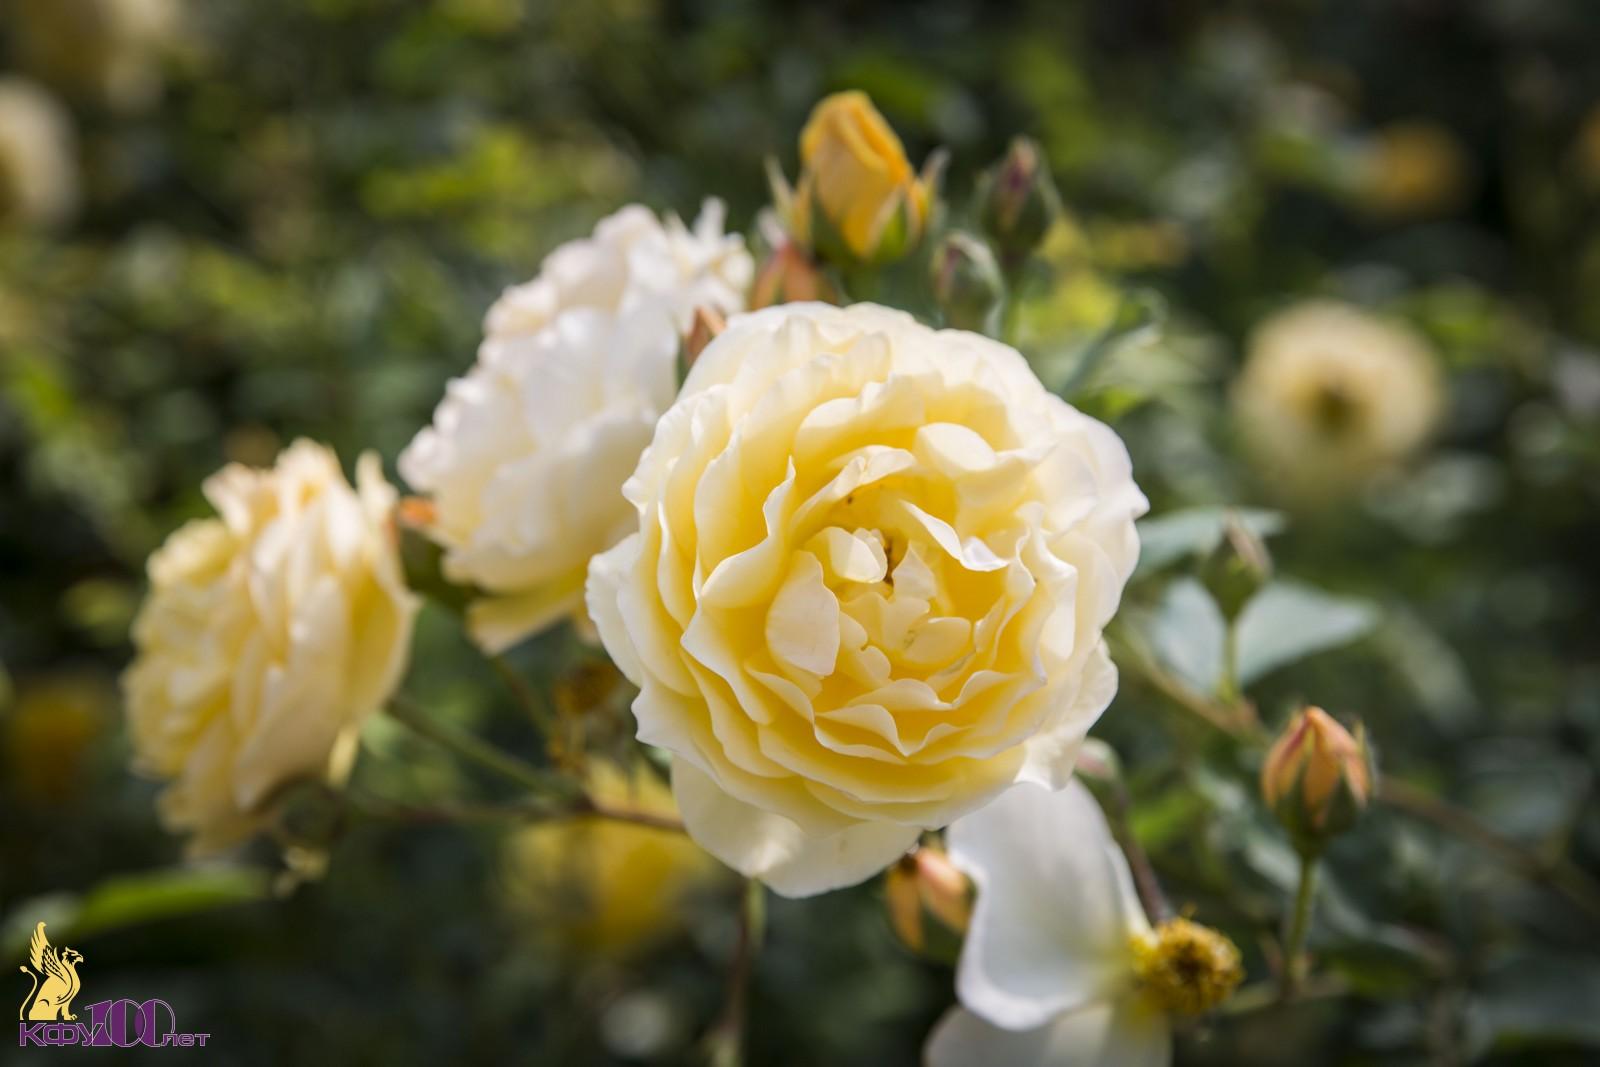 крымское солнышко роза фото фото нижнем